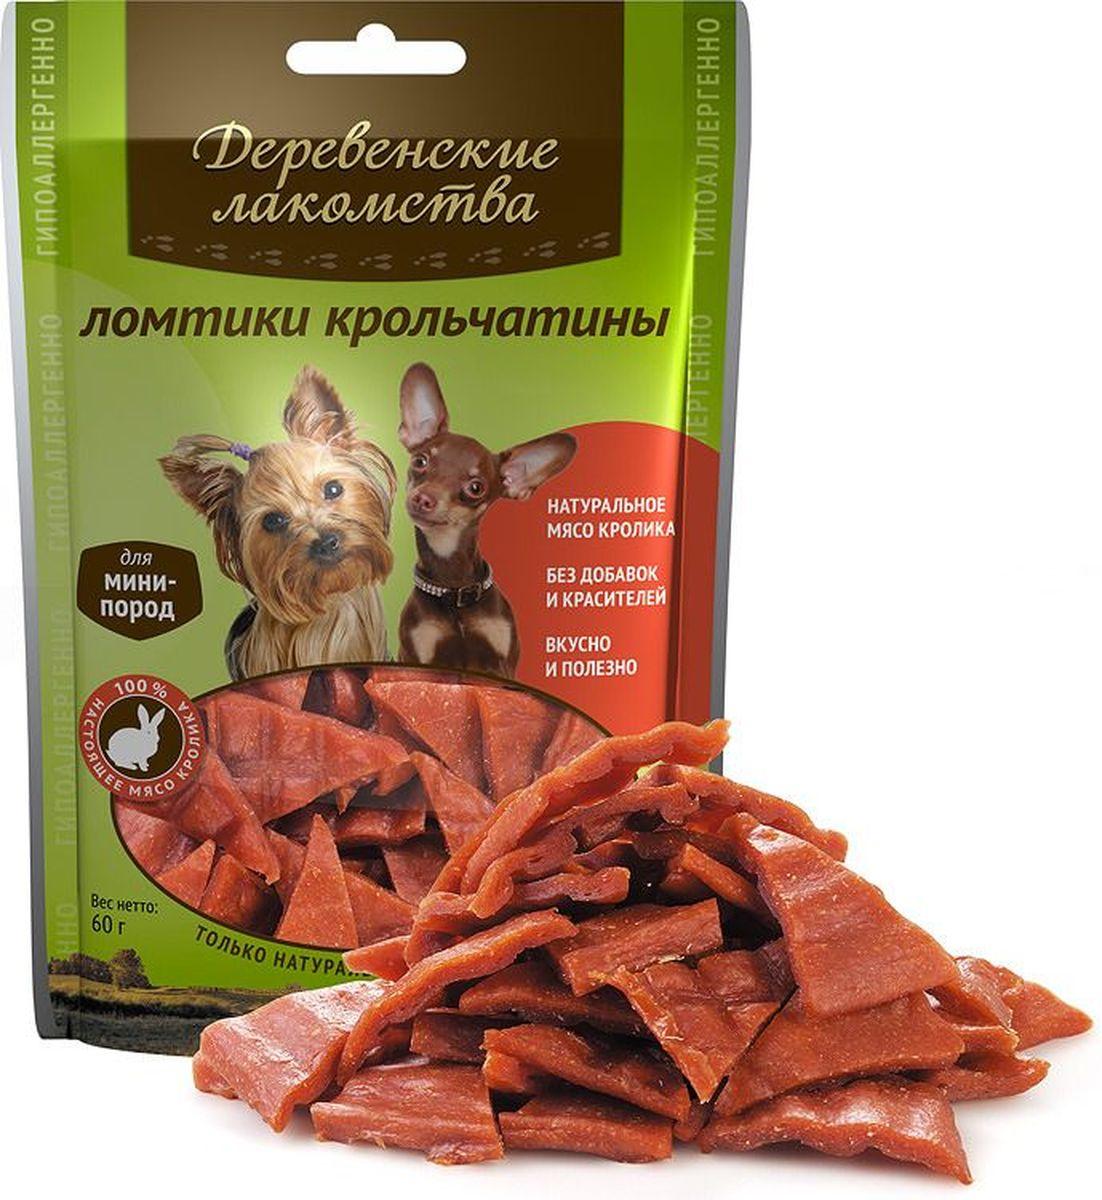 Лакомство Деревенские лакомства Ломтики крольчатины для собак мини-пород, 55 г55342Диетические ломтики из нежнейшей крольчатины — легко усваиваются, абсолютно гипоаллергенны и к тому же обладают тонким, изысканным вкусом. Состав: мясо кролика. Гарантированные показатели на 100 г продукта:белок — 42,0 г,жир — 3,5 г,влага — 23,0 г,клетчатка — 0,2 г,зола — 3,5 г. Энергетическая ценность в 100 г продукта: 245,00 ккал. Товар сертифицирован.